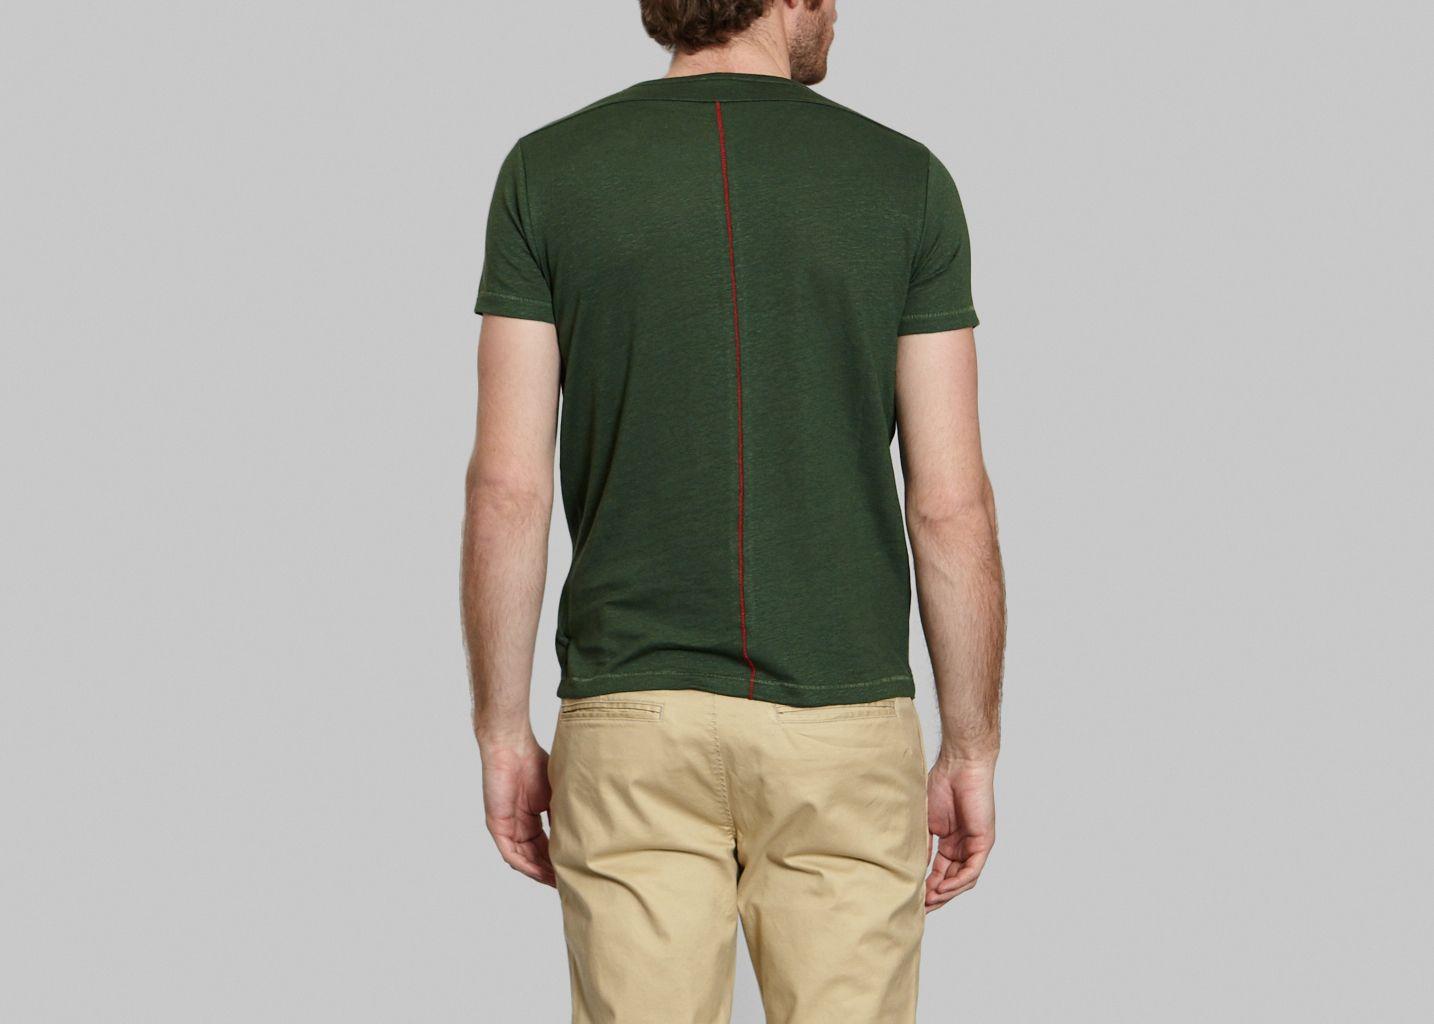 Homecore T-shirt Eole kspdZkh0c